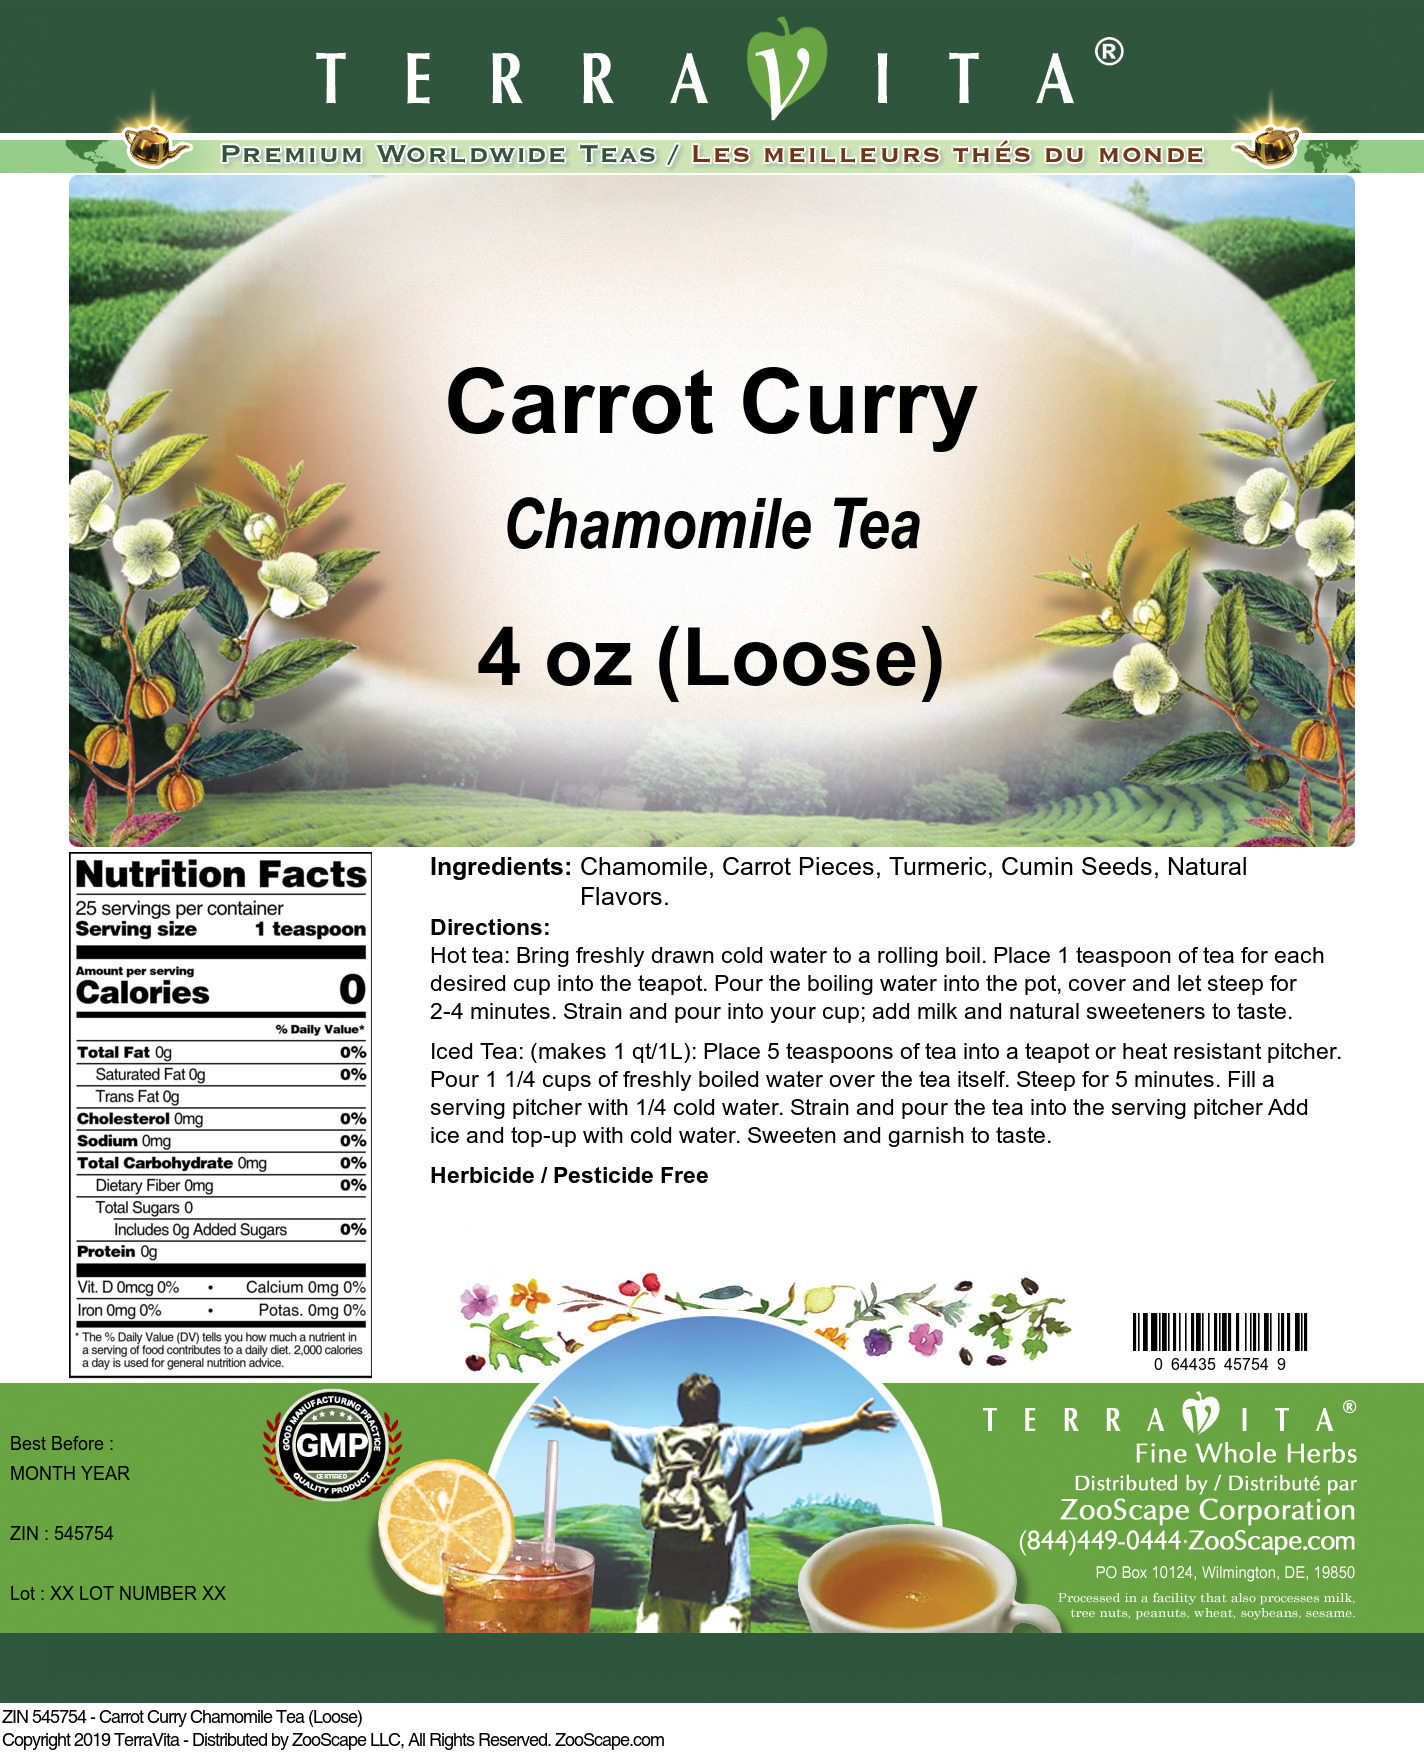 Carrot Curry Chamomile Tea (Loose)